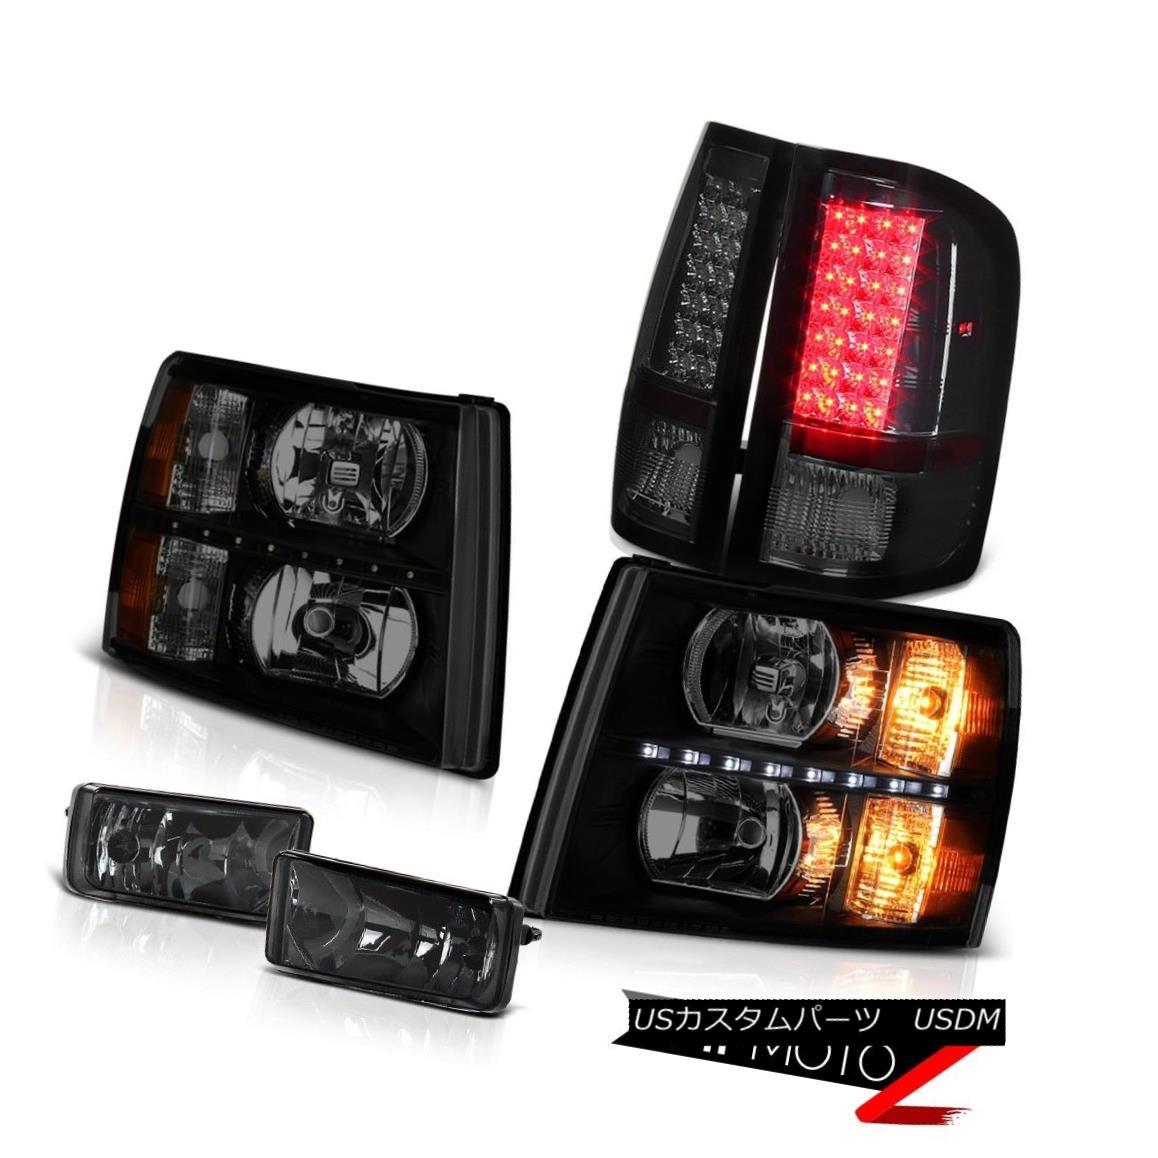 テールライト 07-13 Silverado LT Headlights led drl smokey foglamps tail lights OE Style LED 07-13 Silverado LTヘッドライトled drlスモーフォグライトテールライトOEスタイルLED